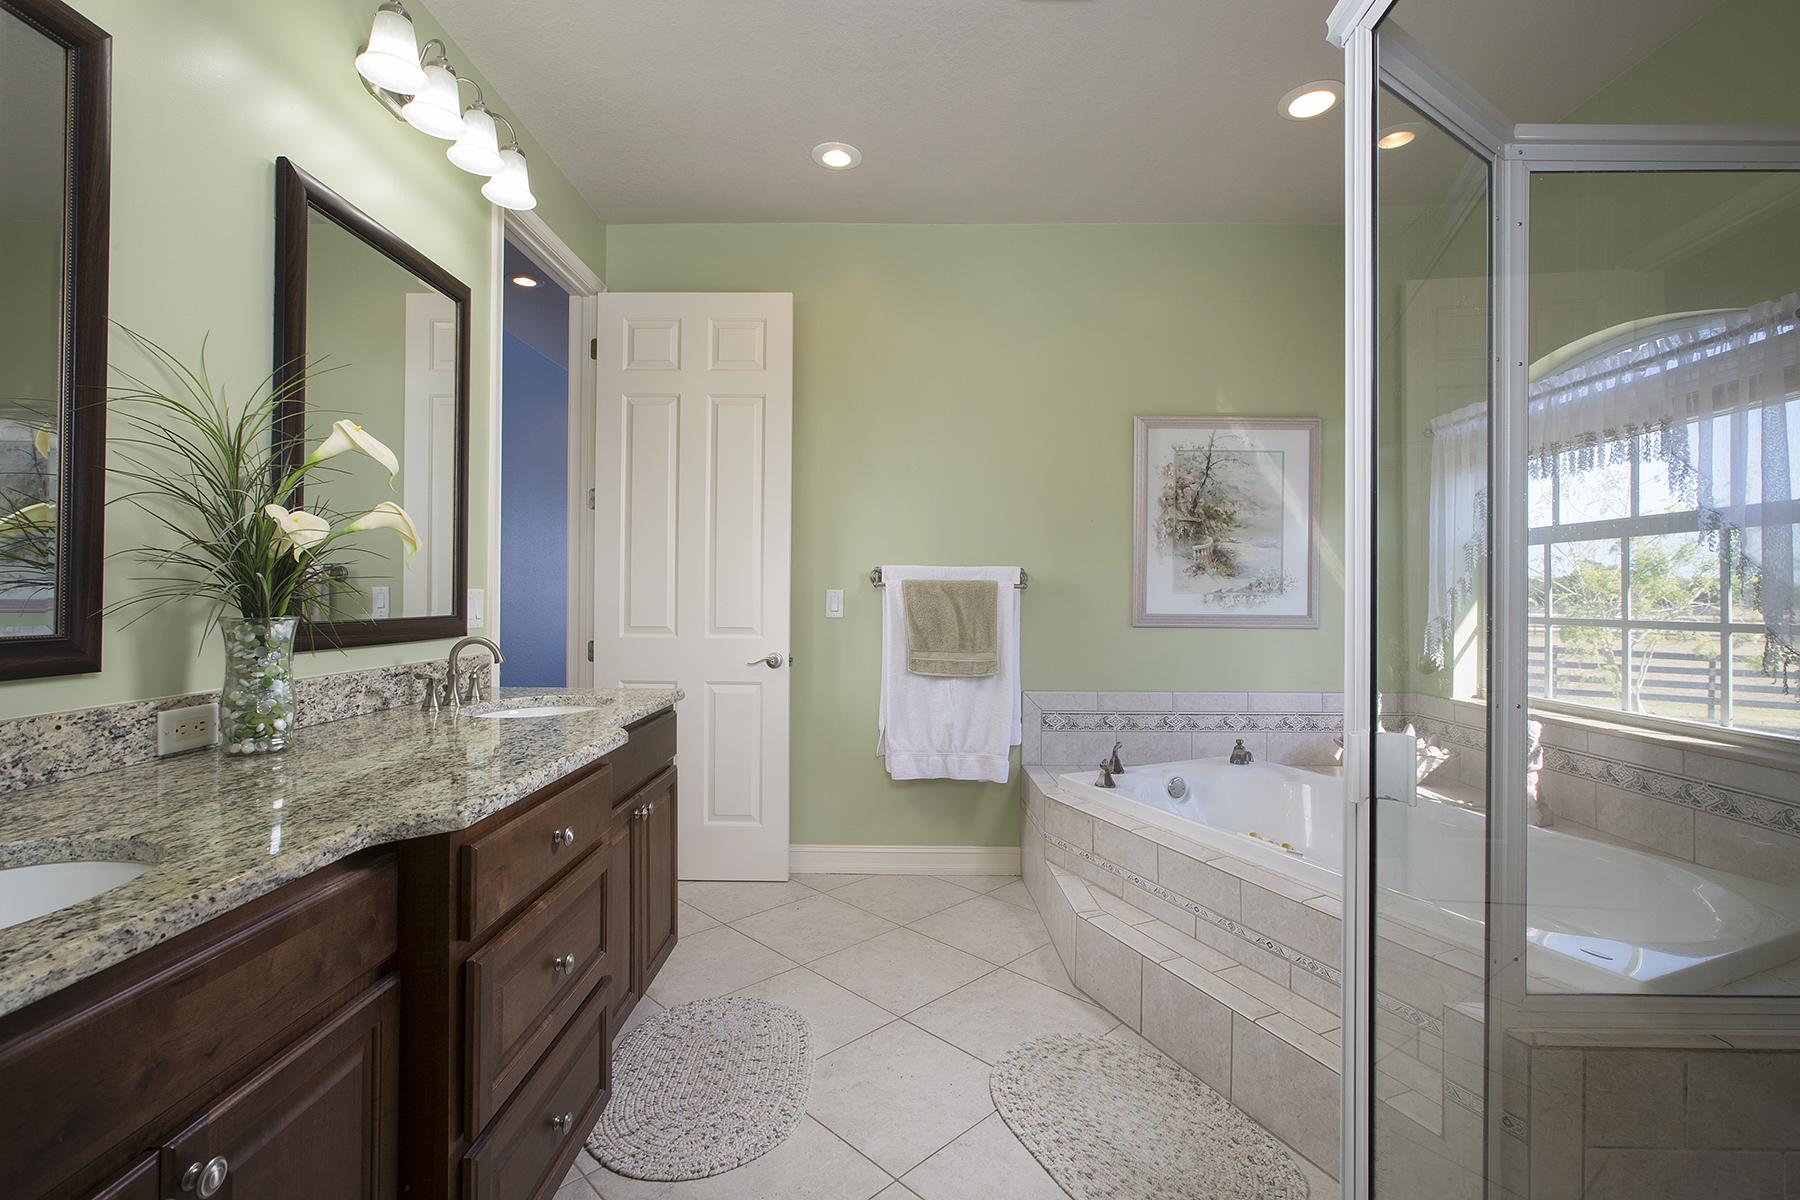 Maison unifamiliale pour l Vente à FT. MYERS 10581 Deal Rd North Fort Myers, Florida, 33917 États-Unis